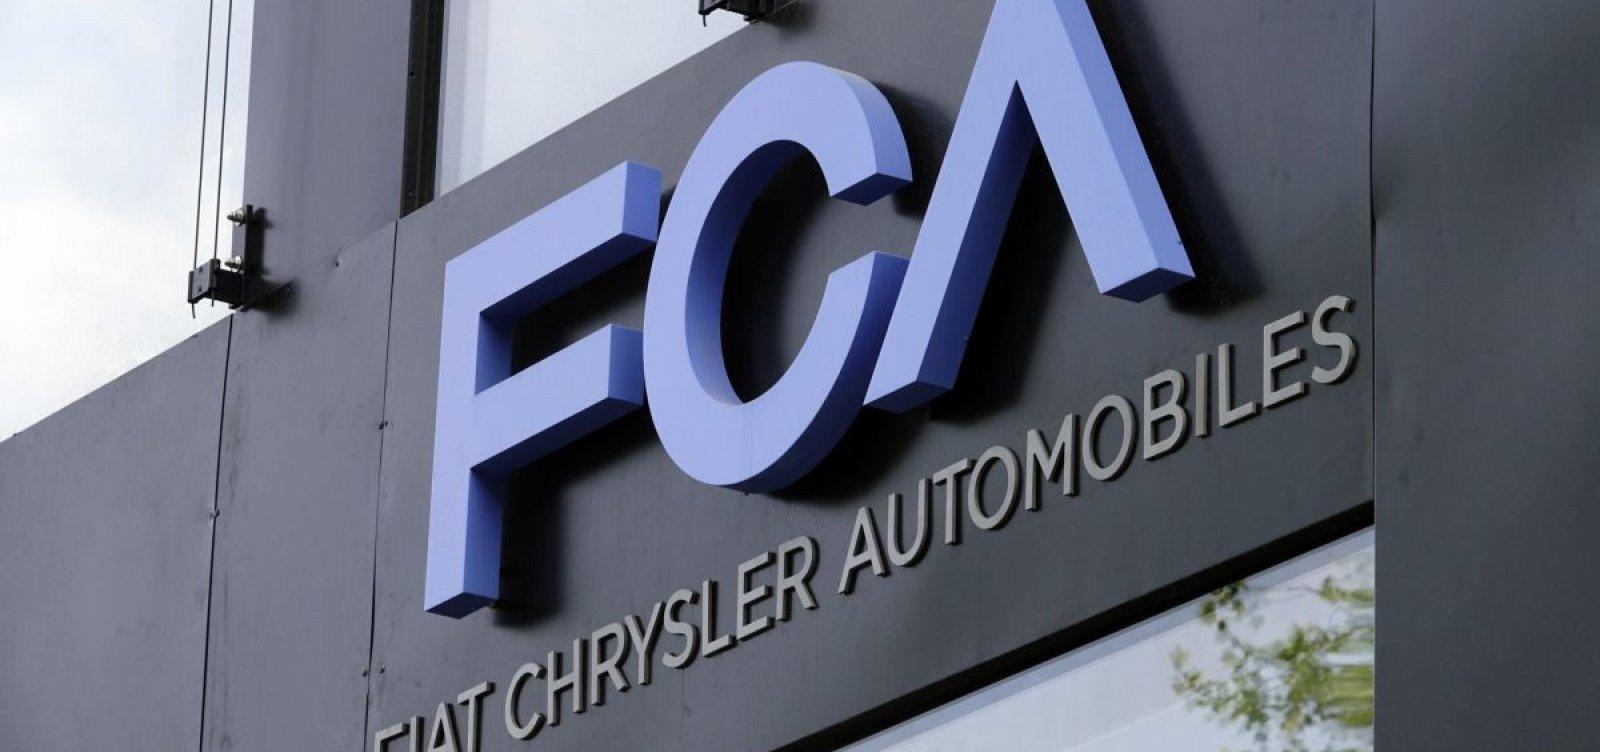 Fiat Chrysler propõe fusão com Renault